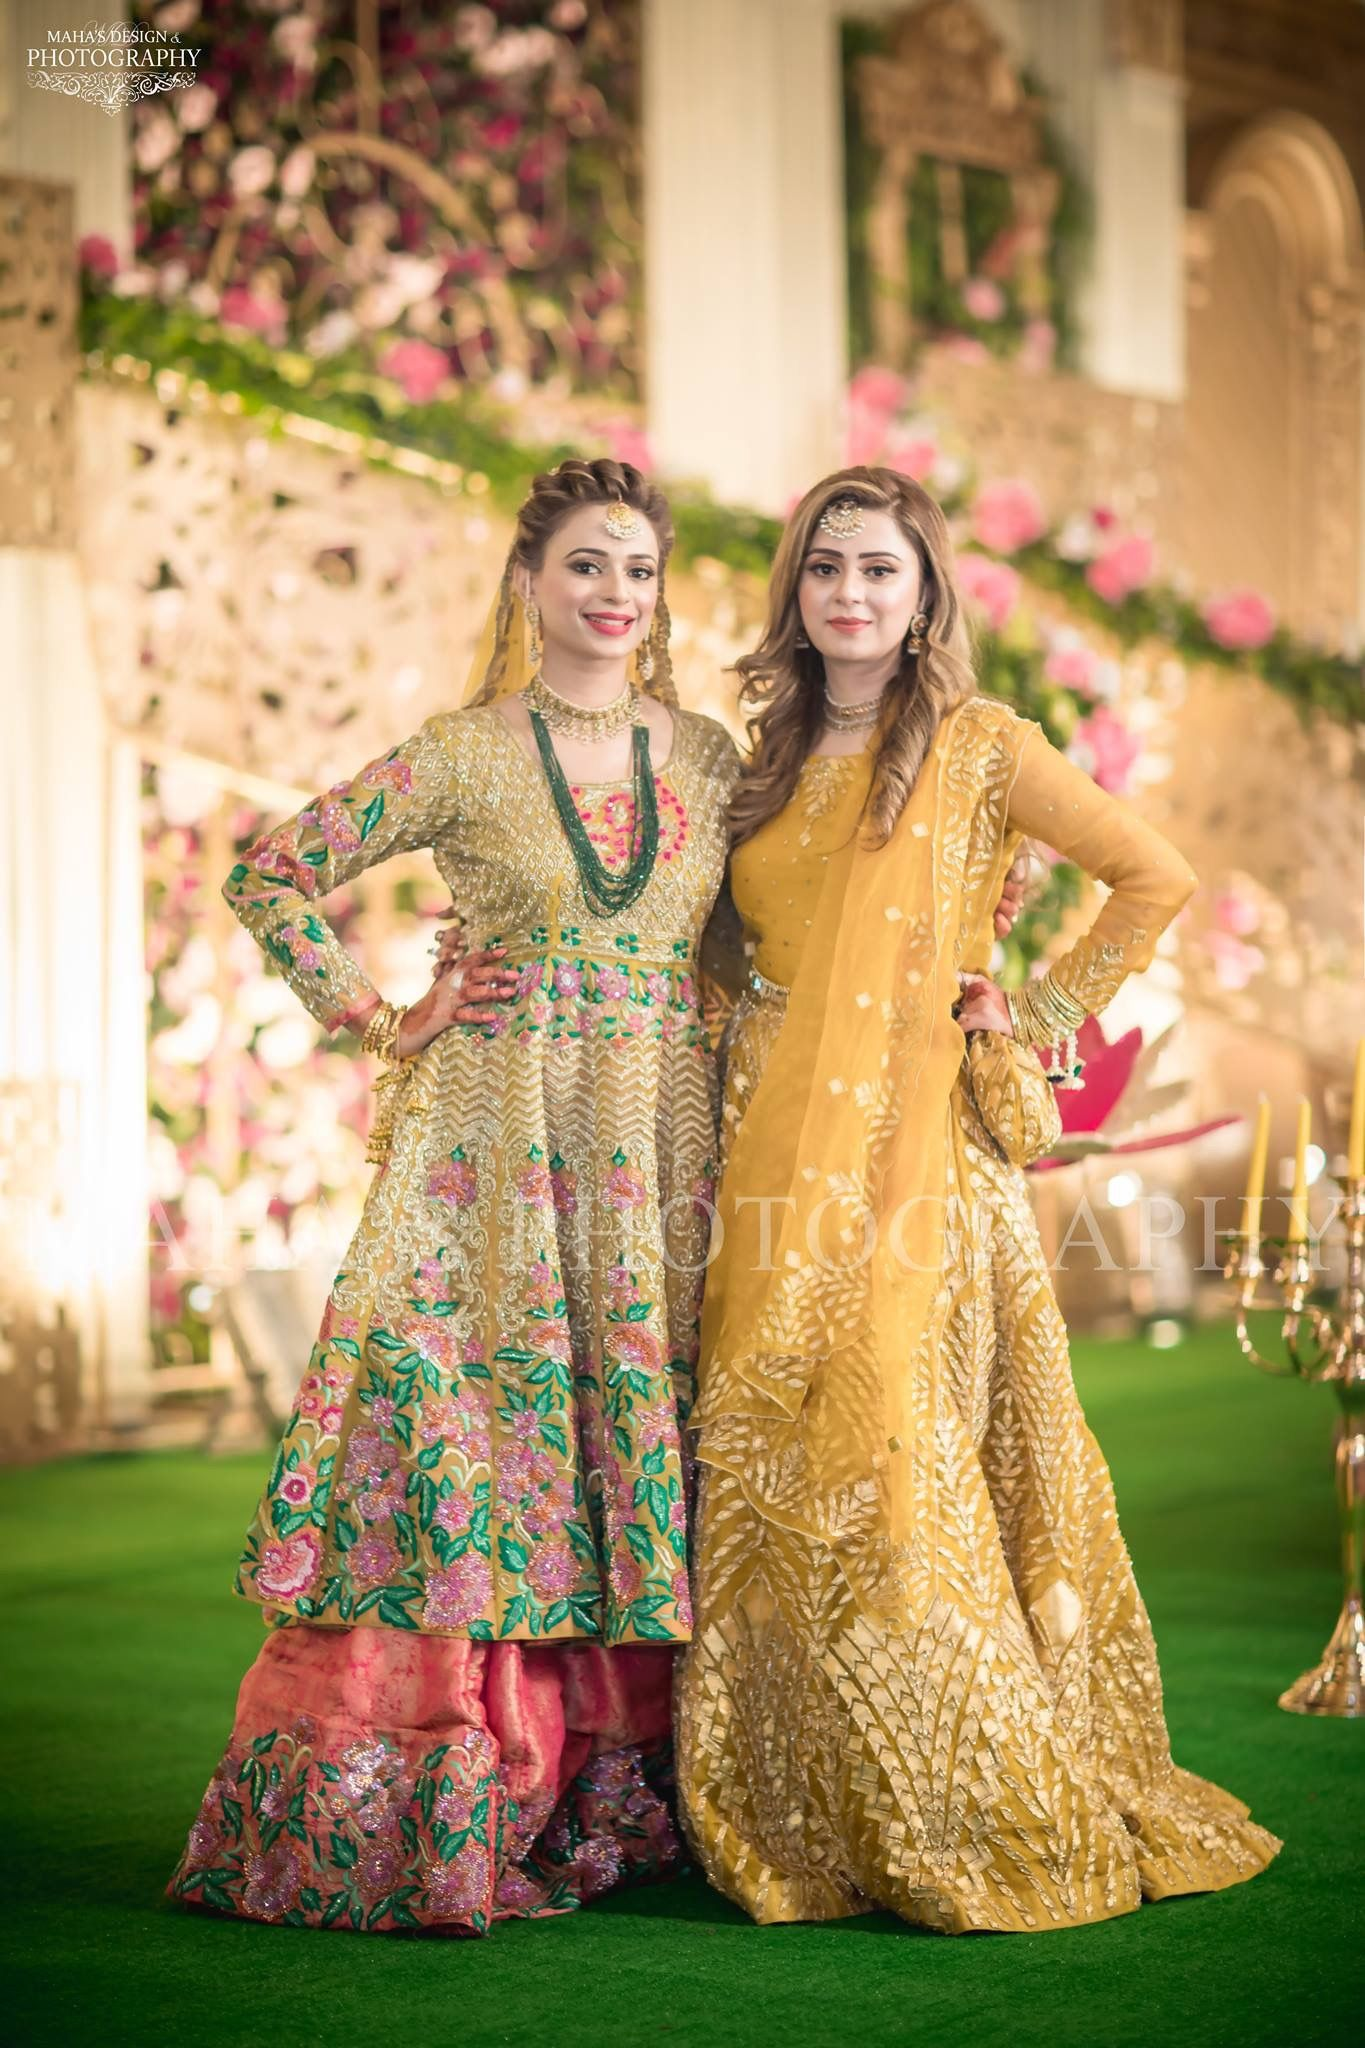 Wedding Inspirations image by Nayab Musa Pakistani